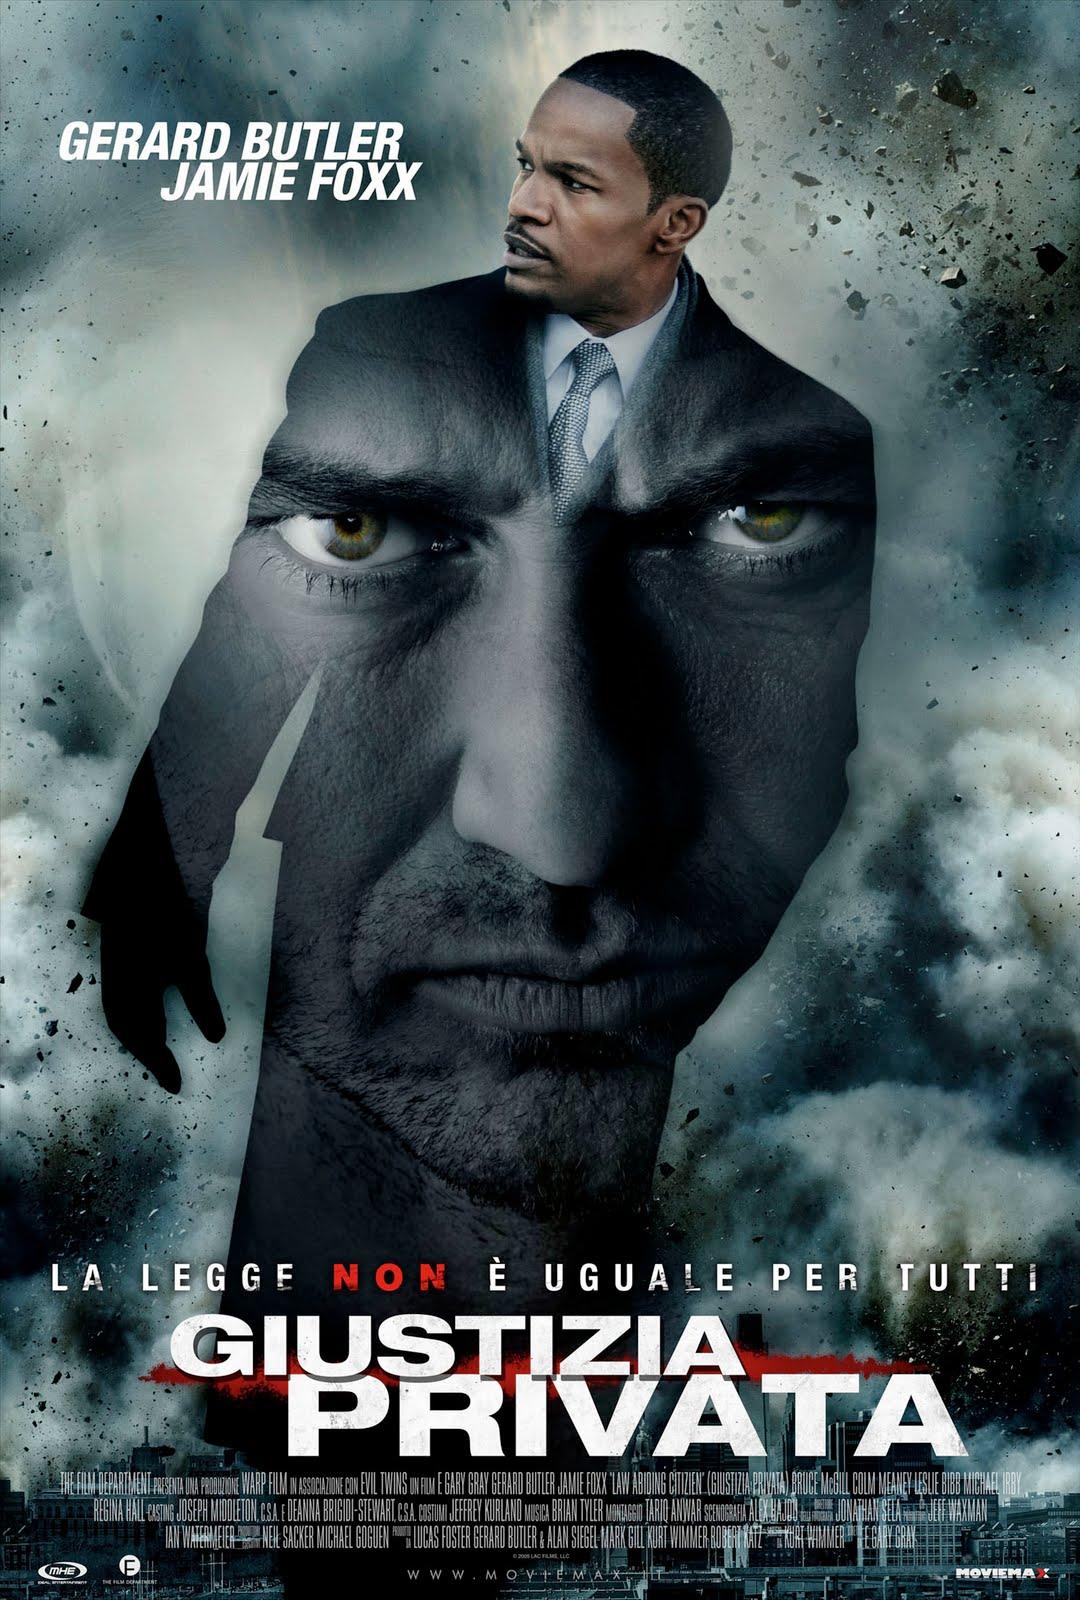 http://2.bp.blogspot.com/_152Bl57RX_Q/TGwQ5XVC0zI/AAAAAAAAEr8/JXP1fYqoPIE/s1600/Giustizia-Privata-Poster-Italia.JPG